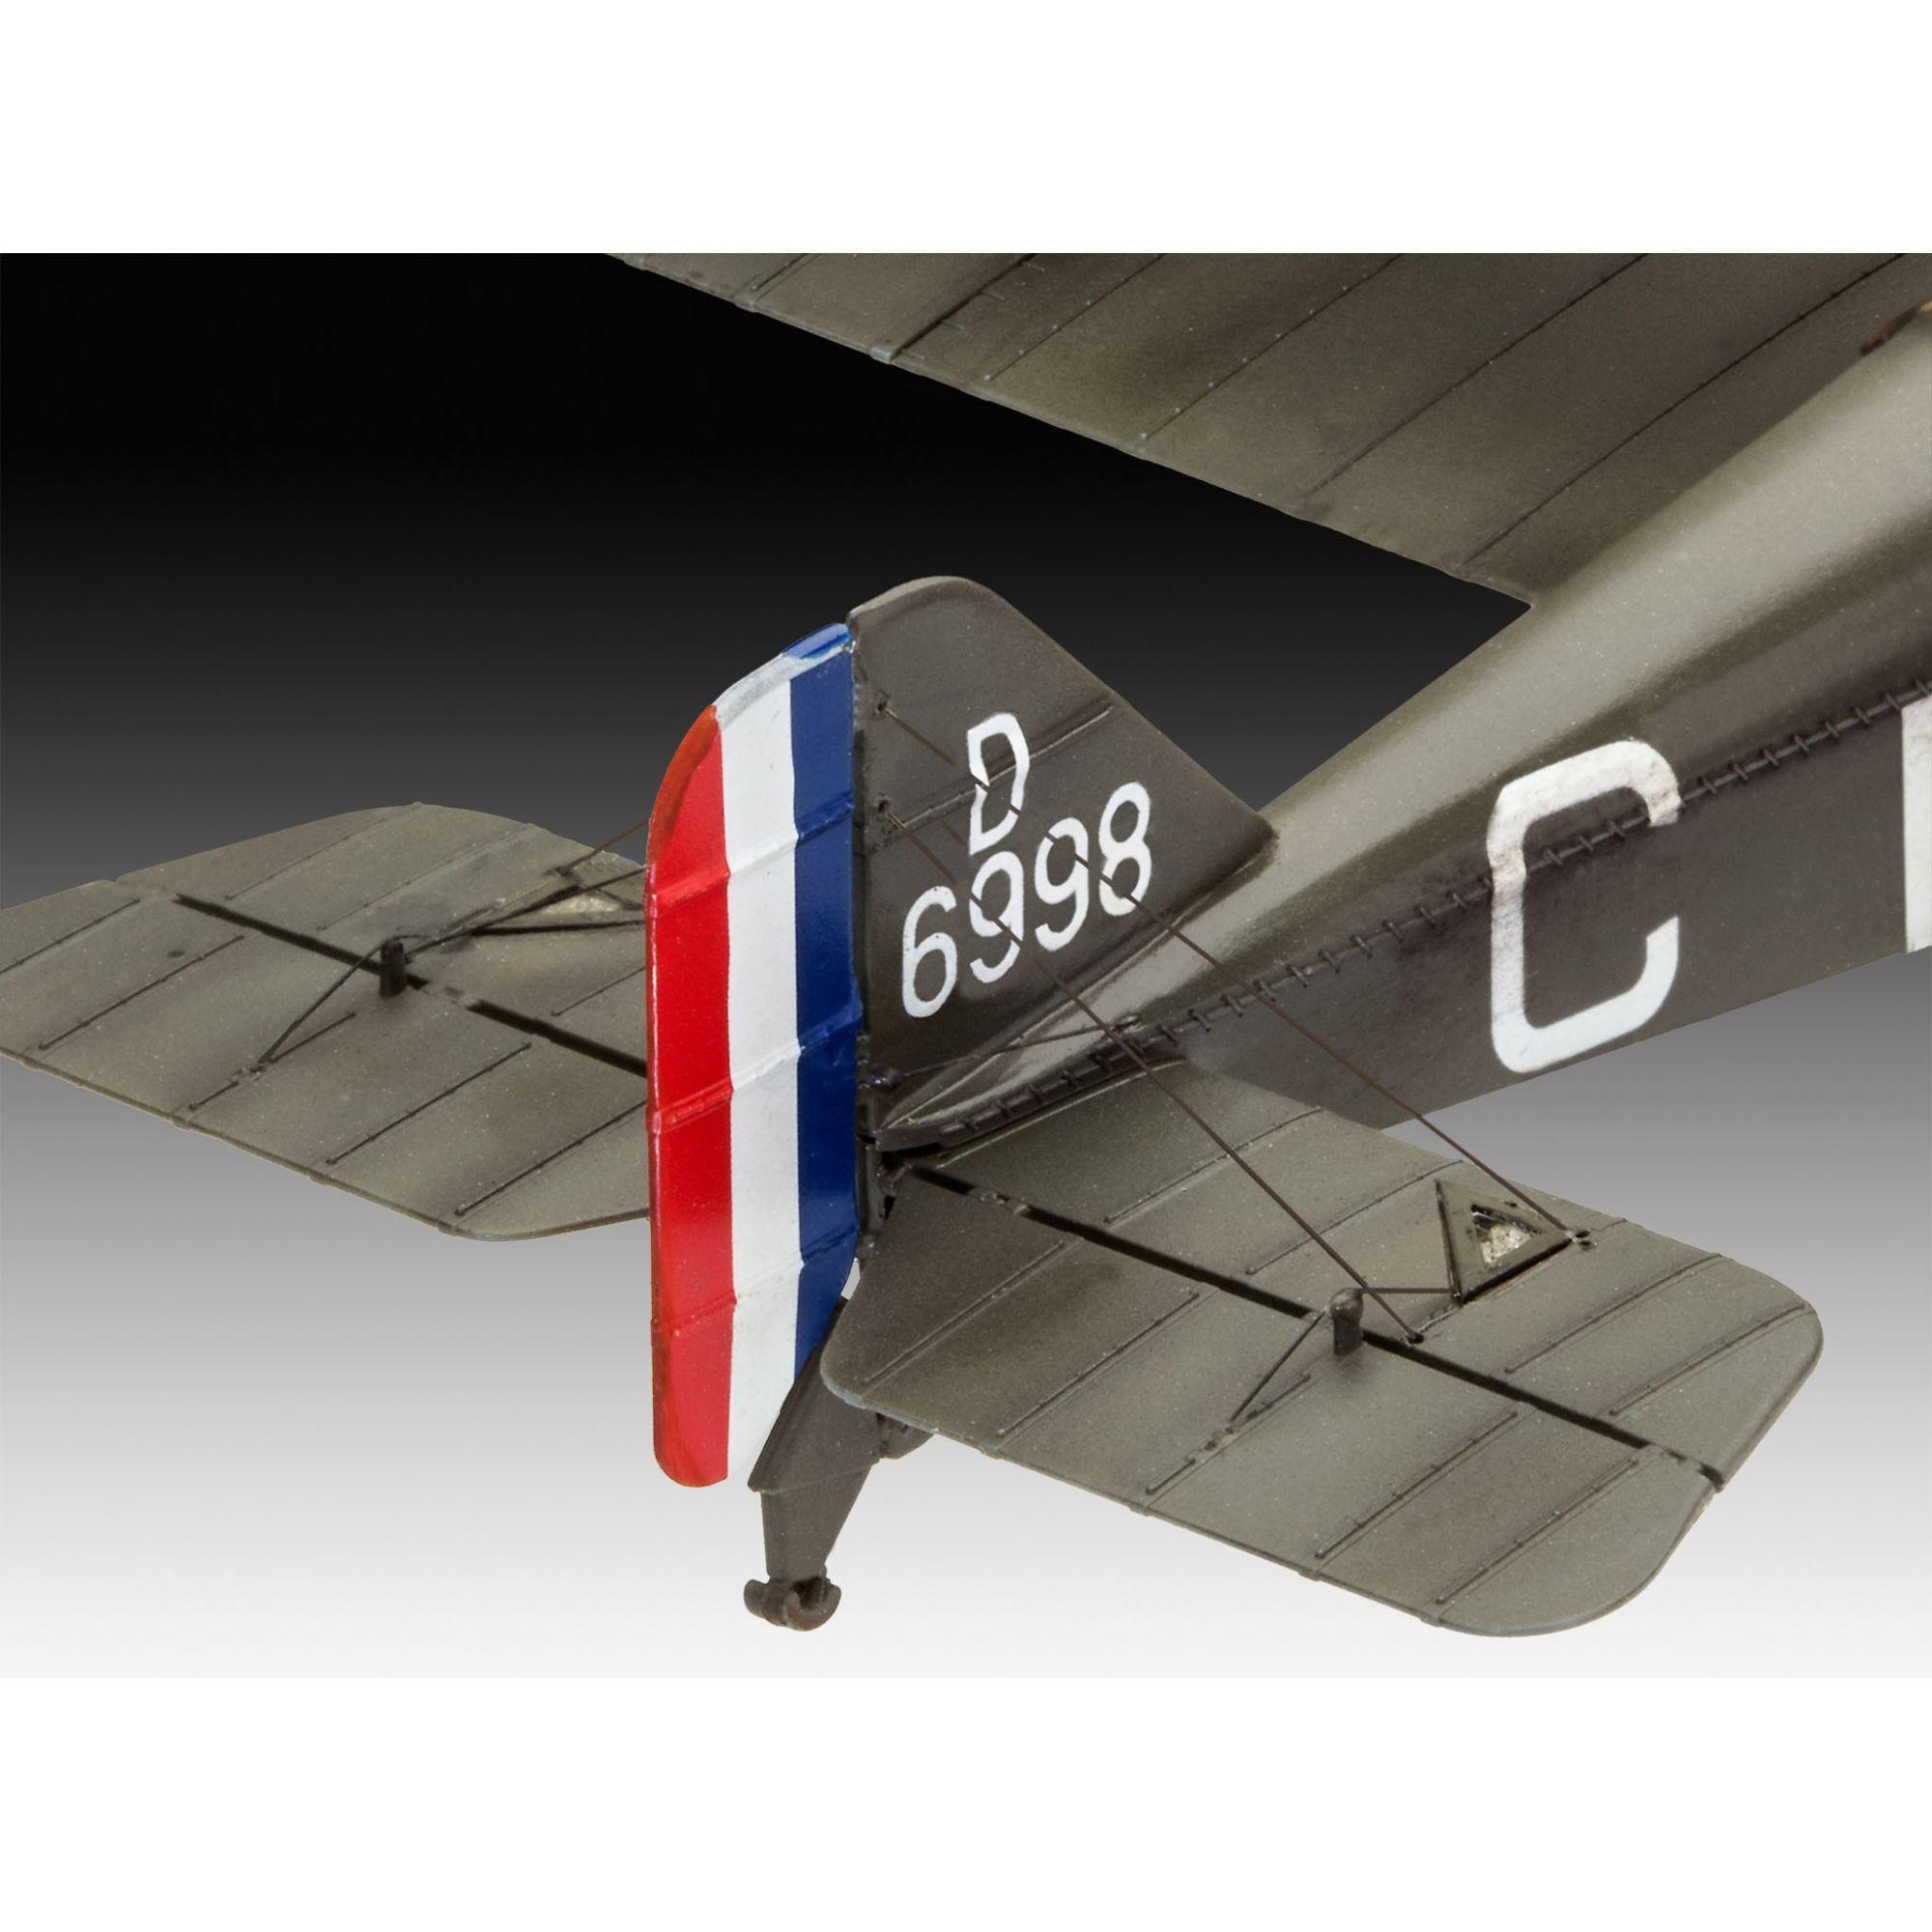 British S.E.5a - 1/48 - Revell 03907  - BLIMPS COMÉRCIO ELETRÔNICO